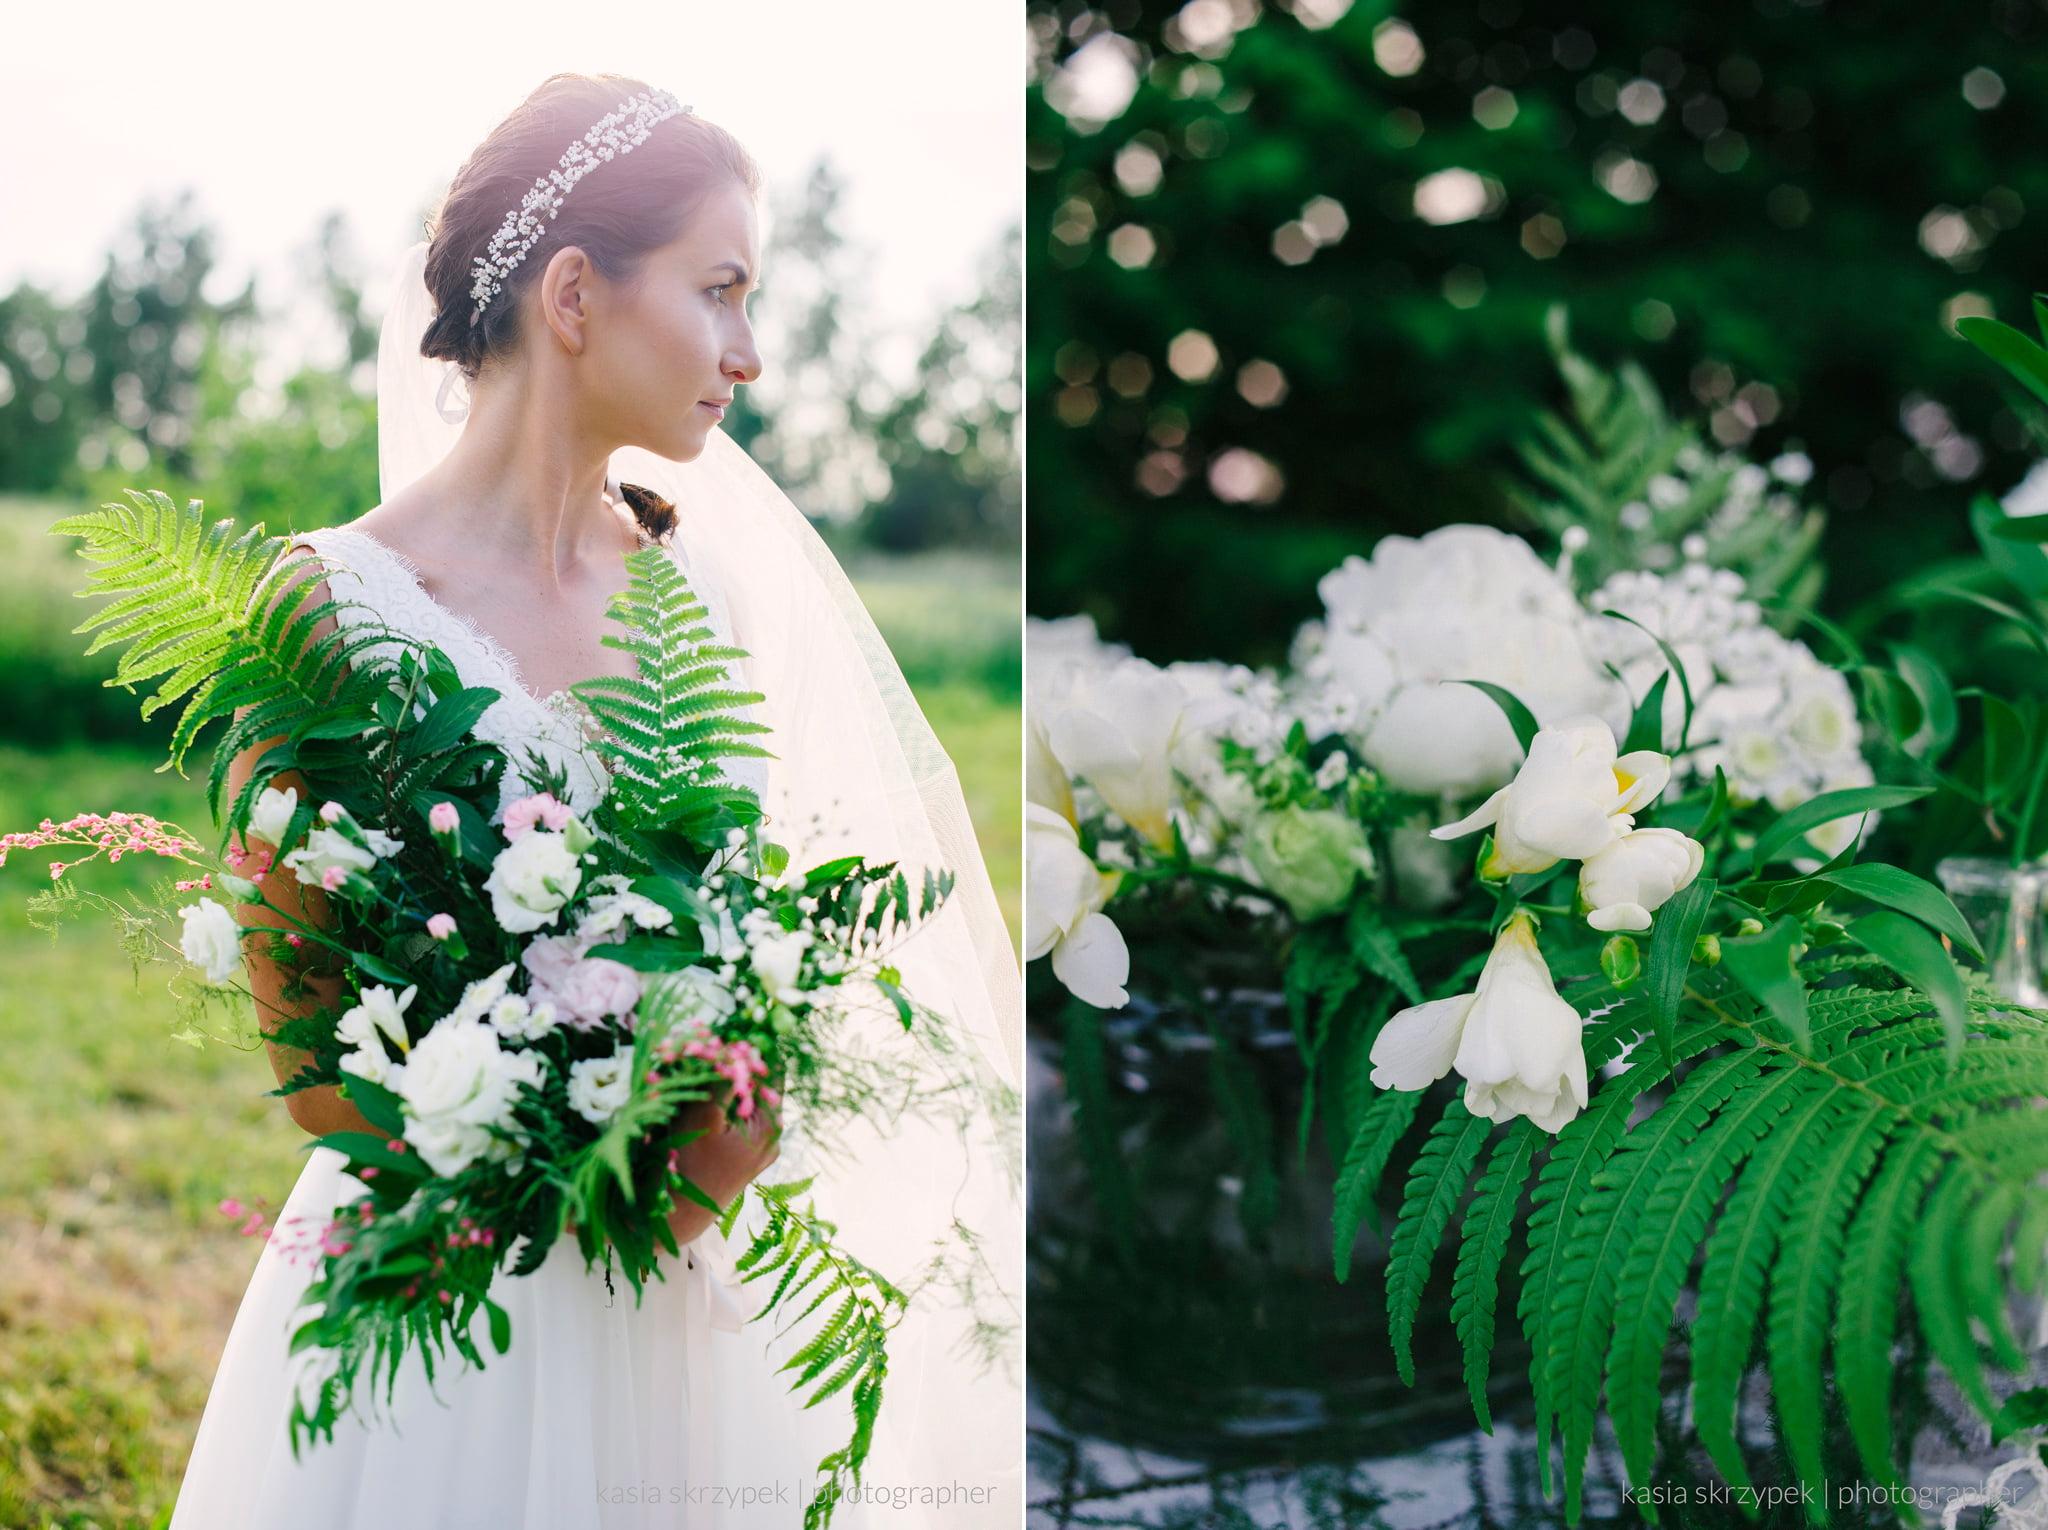 Blog-Botanical-Wedding-Styled-Shoot-11